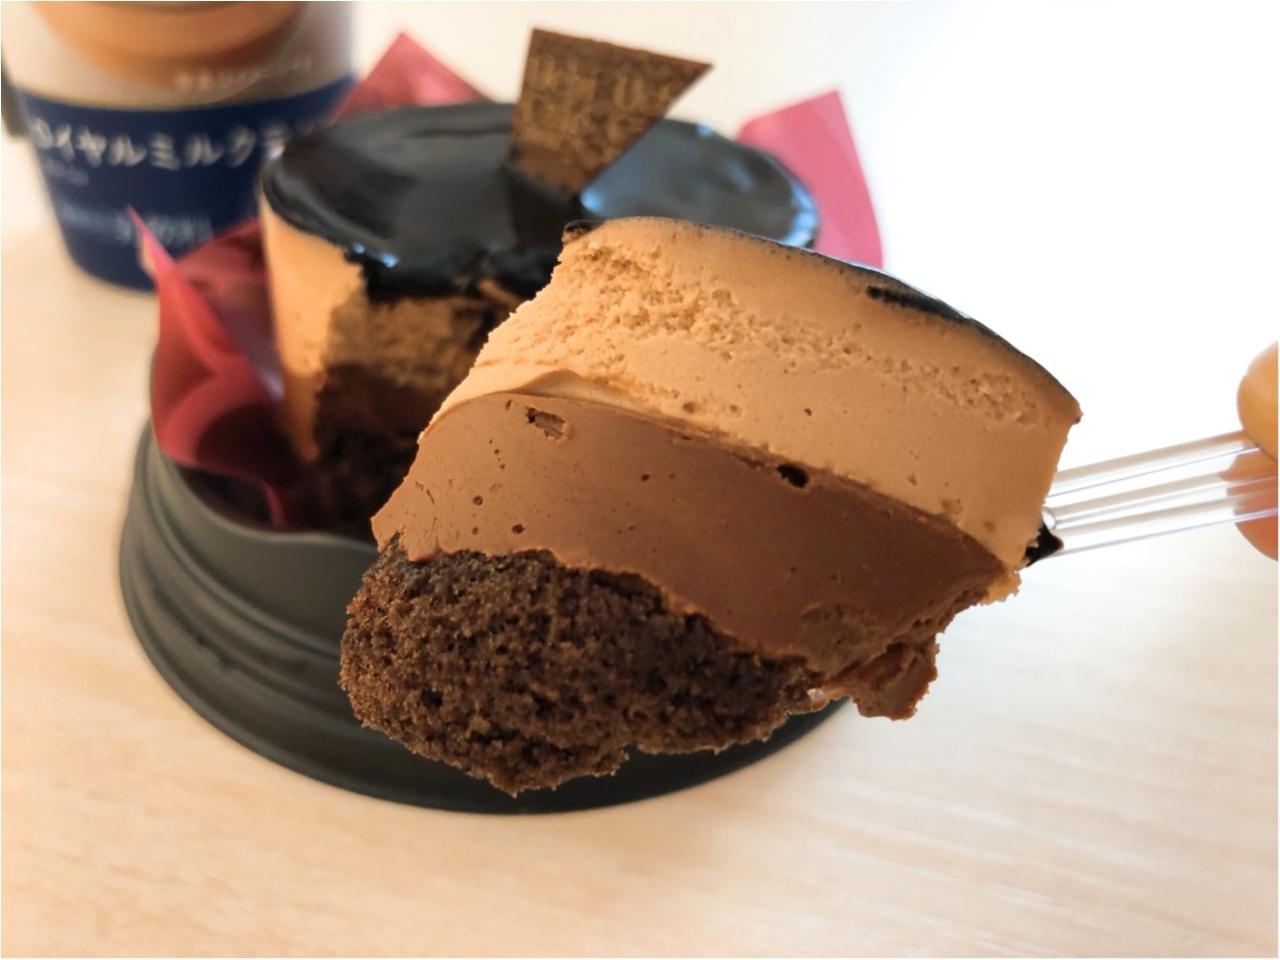 手軽におうちで本格チョコレートケーキを楽しむなら!ローソンのバレンタインスイーツがおすすめ!!_3